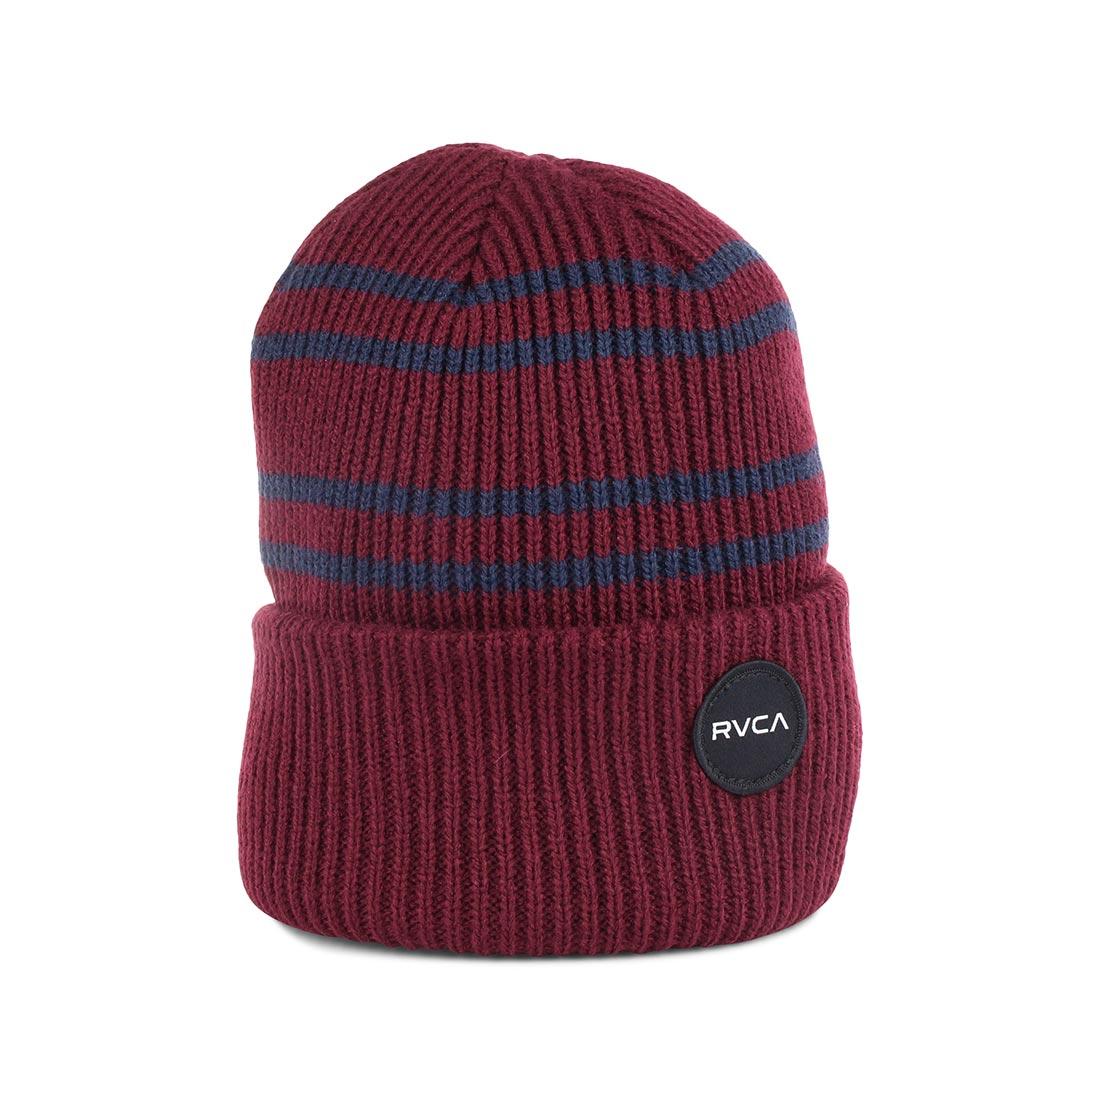 67589c36bc5d RVCA Senate Beanie Hat – Tawny Port